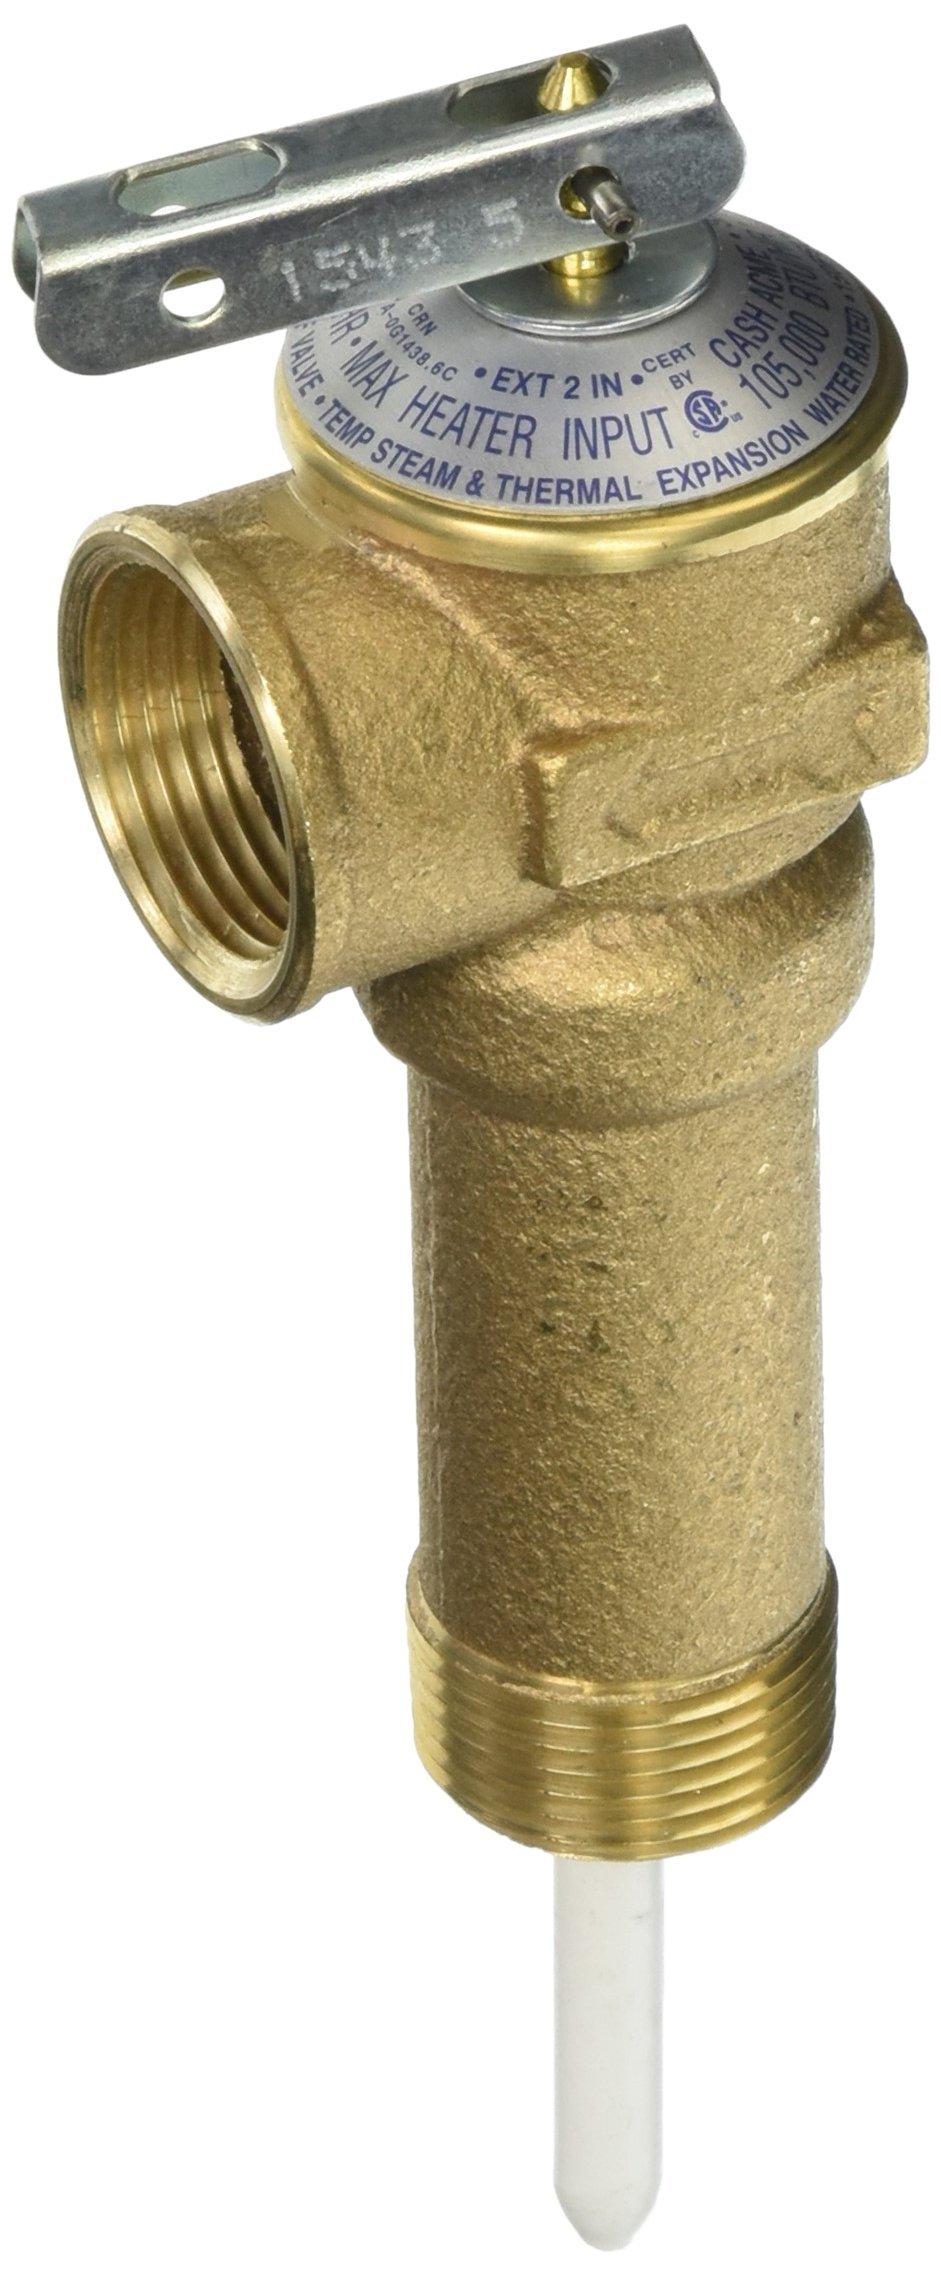 Cash Acme 19084-0150 3/4 NCLX-LS Temperature & Pressure Relief Valve